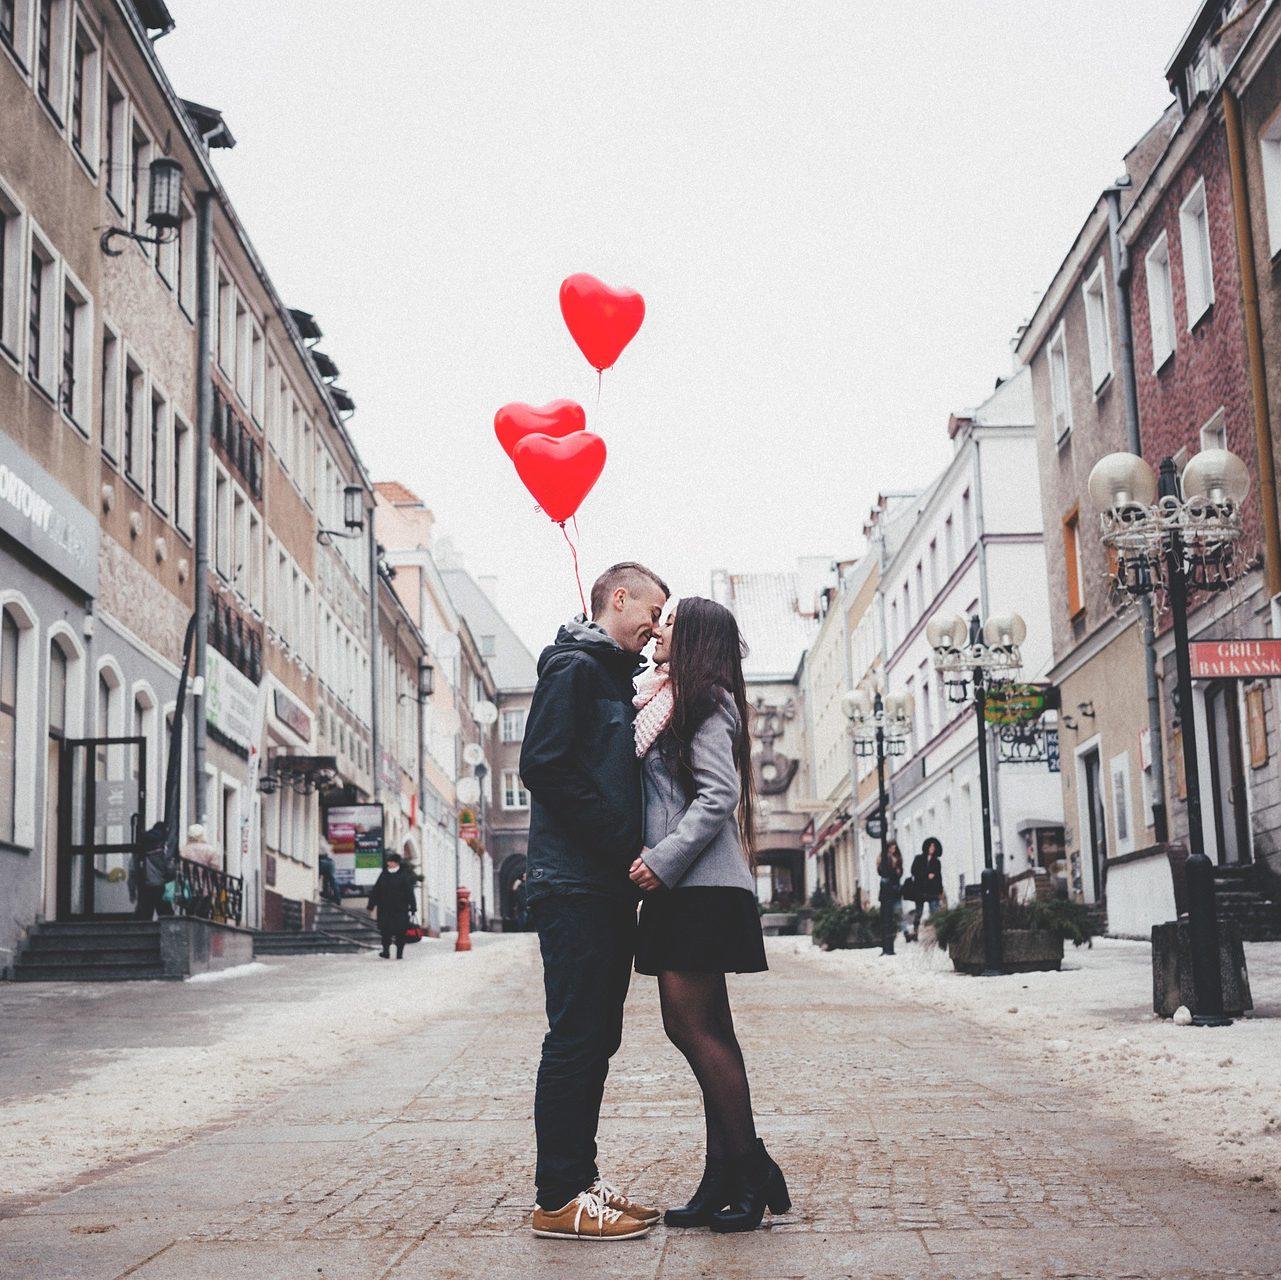 Photo d'un jeune couple qui s'embrasse au milieu d'une rue. Ils tiennent en main des ballons en forme de cœurs